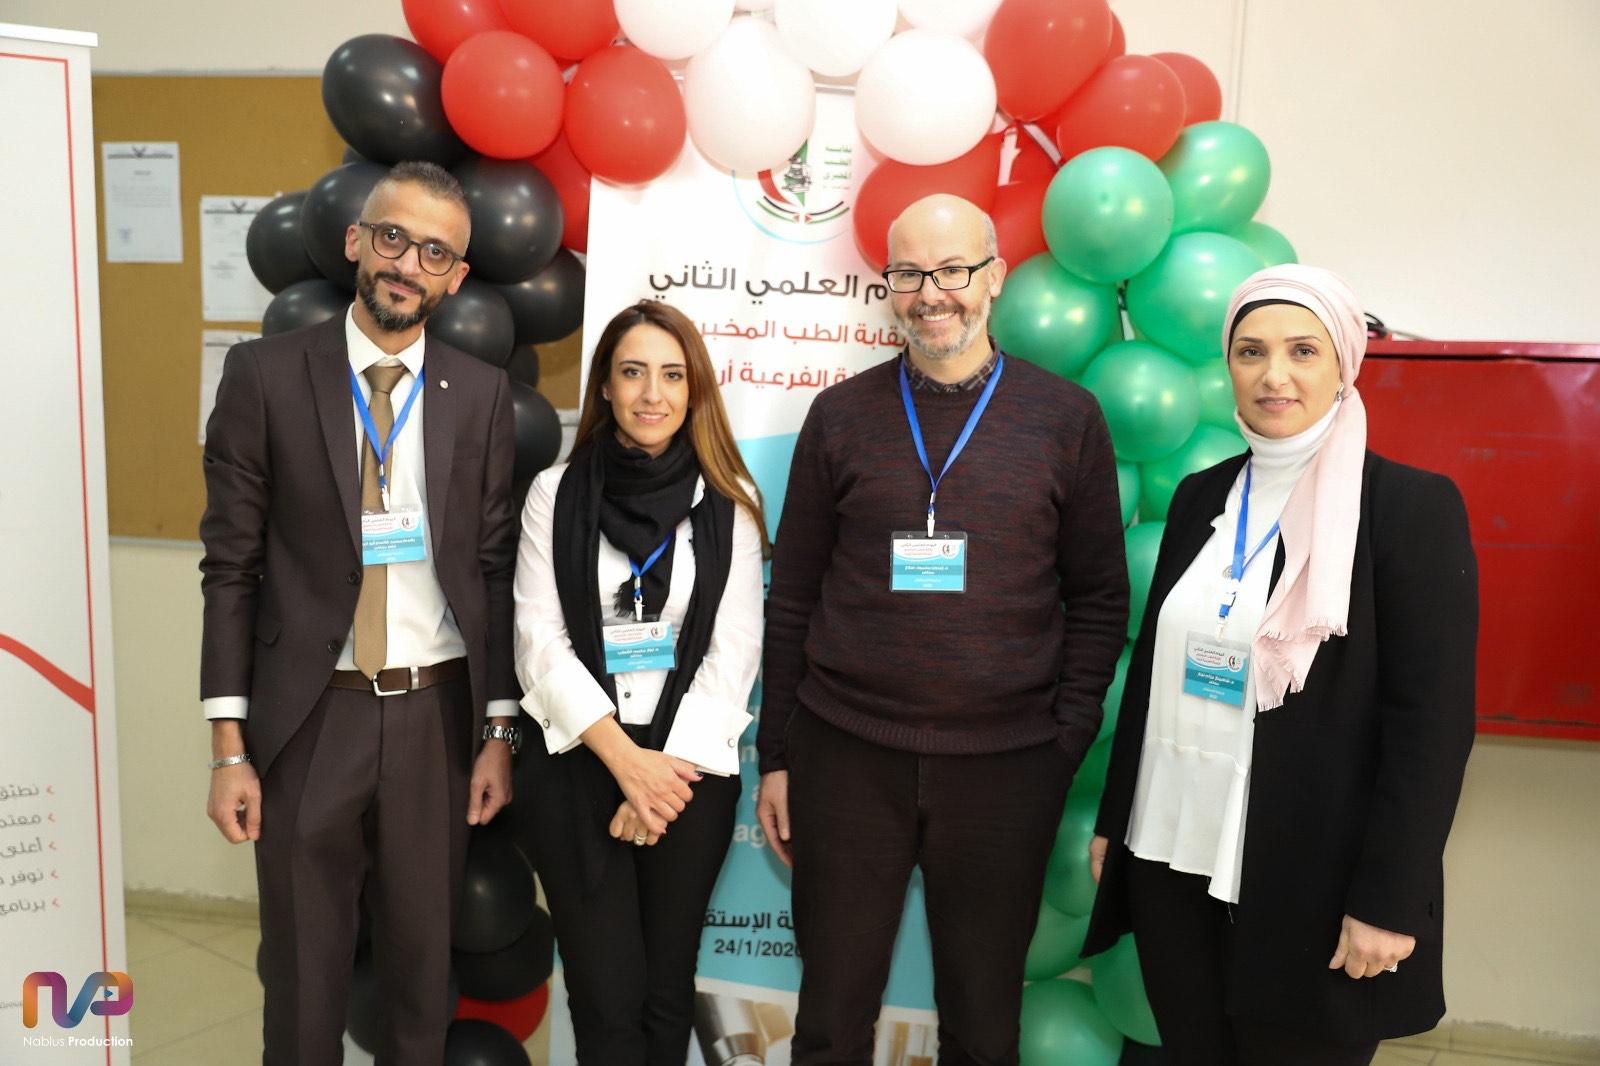 وفد الجامعة العربية الامريكية المشارك في جلسات اليوم العلمي الثاني